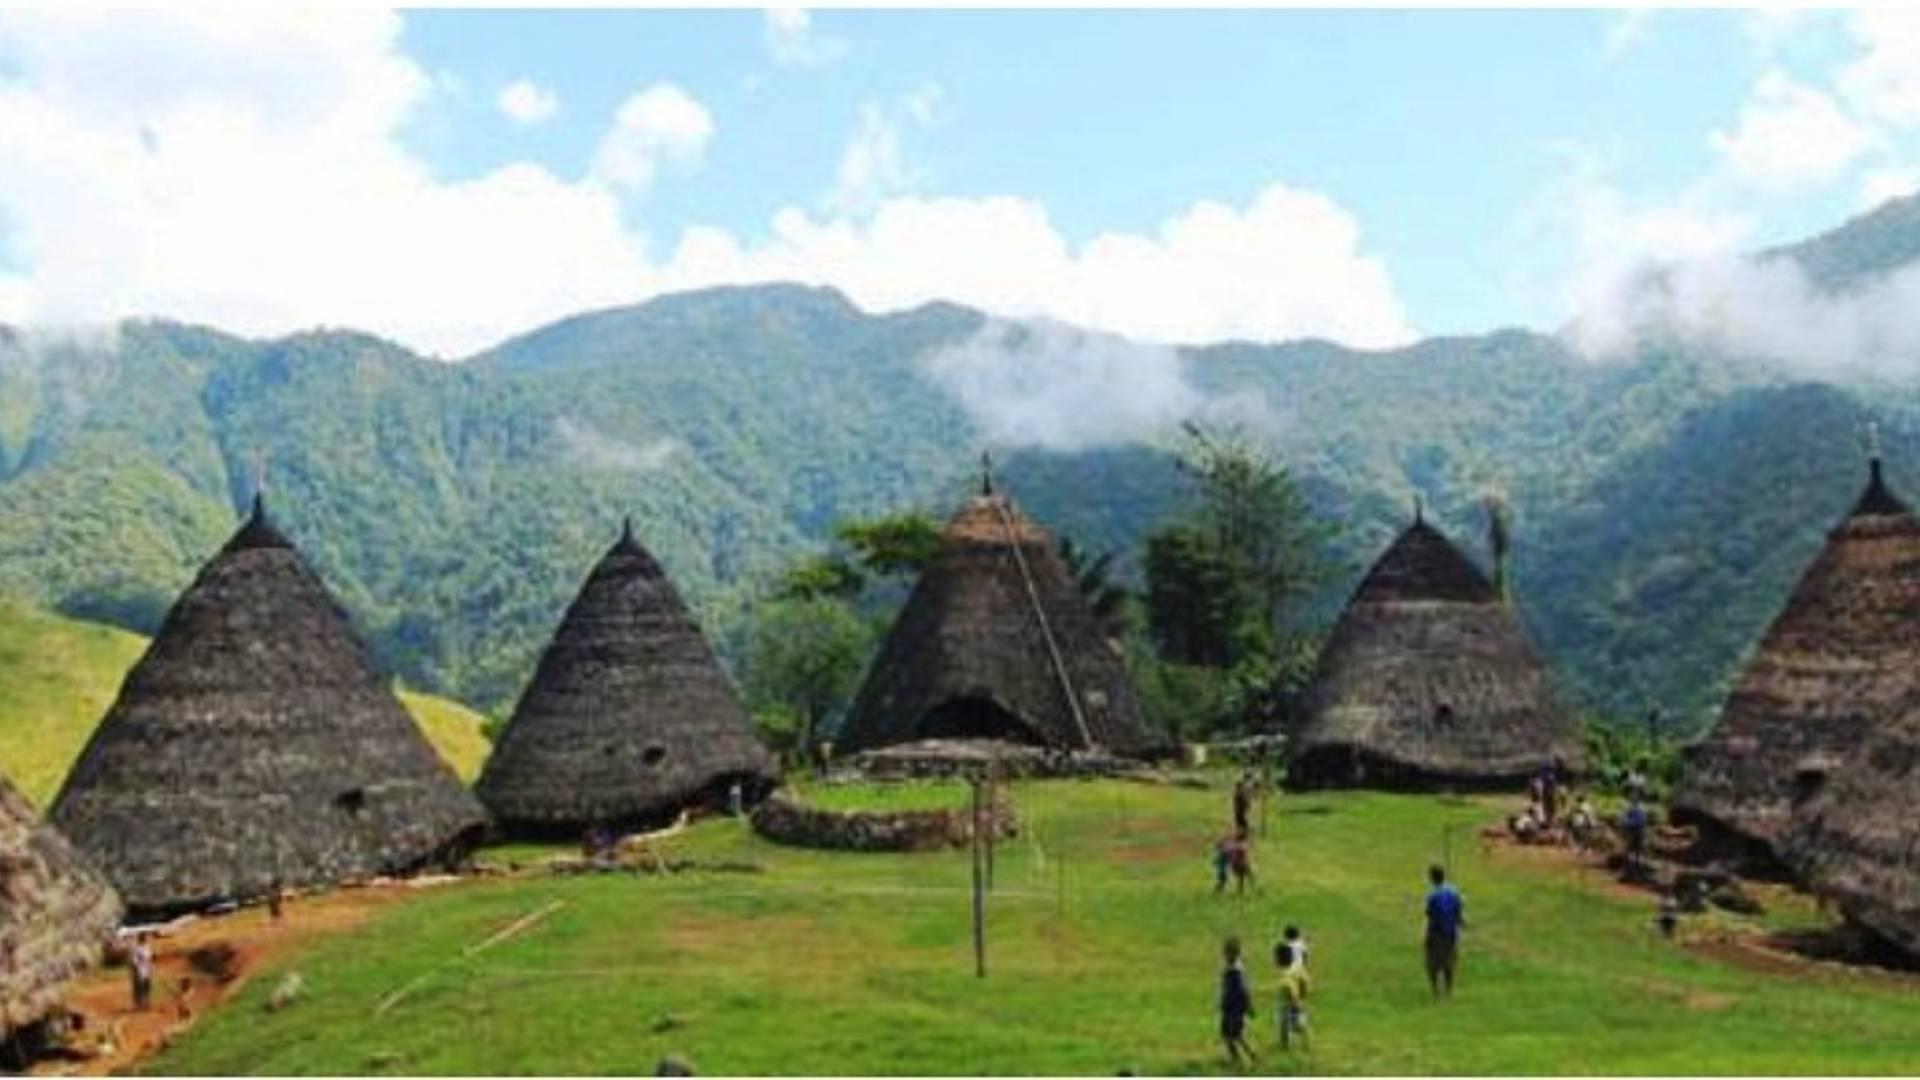 Immersion au coeur de la culture Balinaise